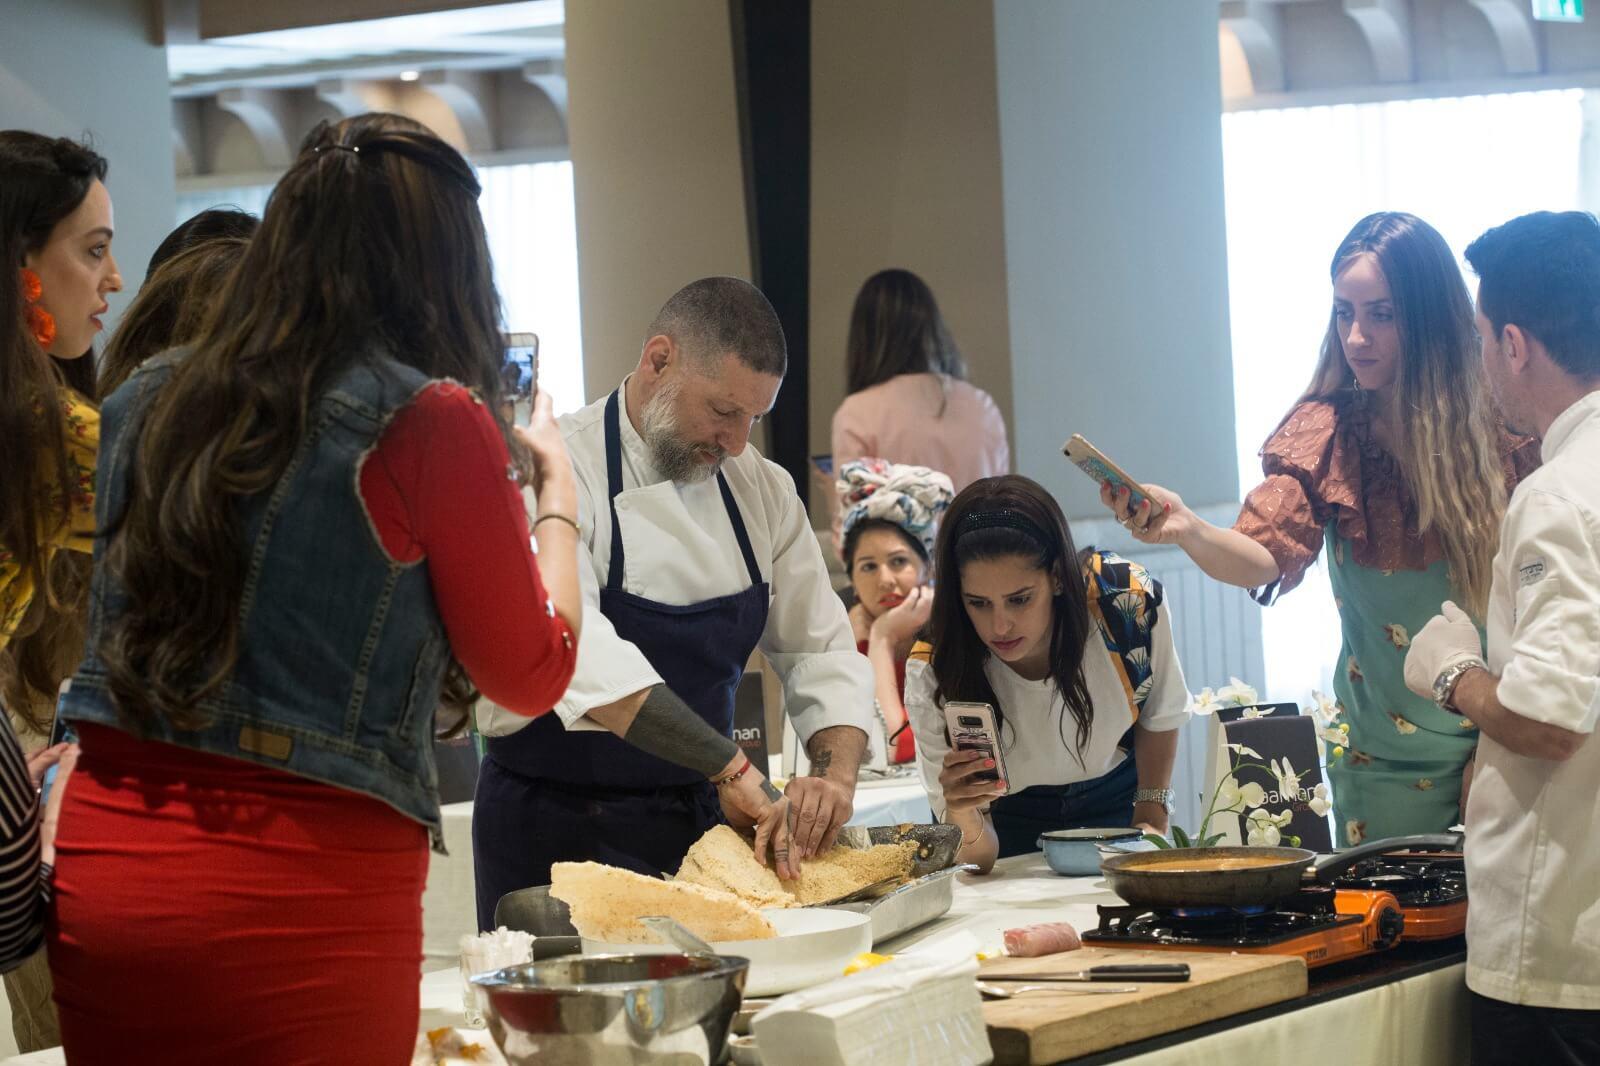 השף אסף גרניט העביר סדנת בישול לעיתונאיות חרדיות 5